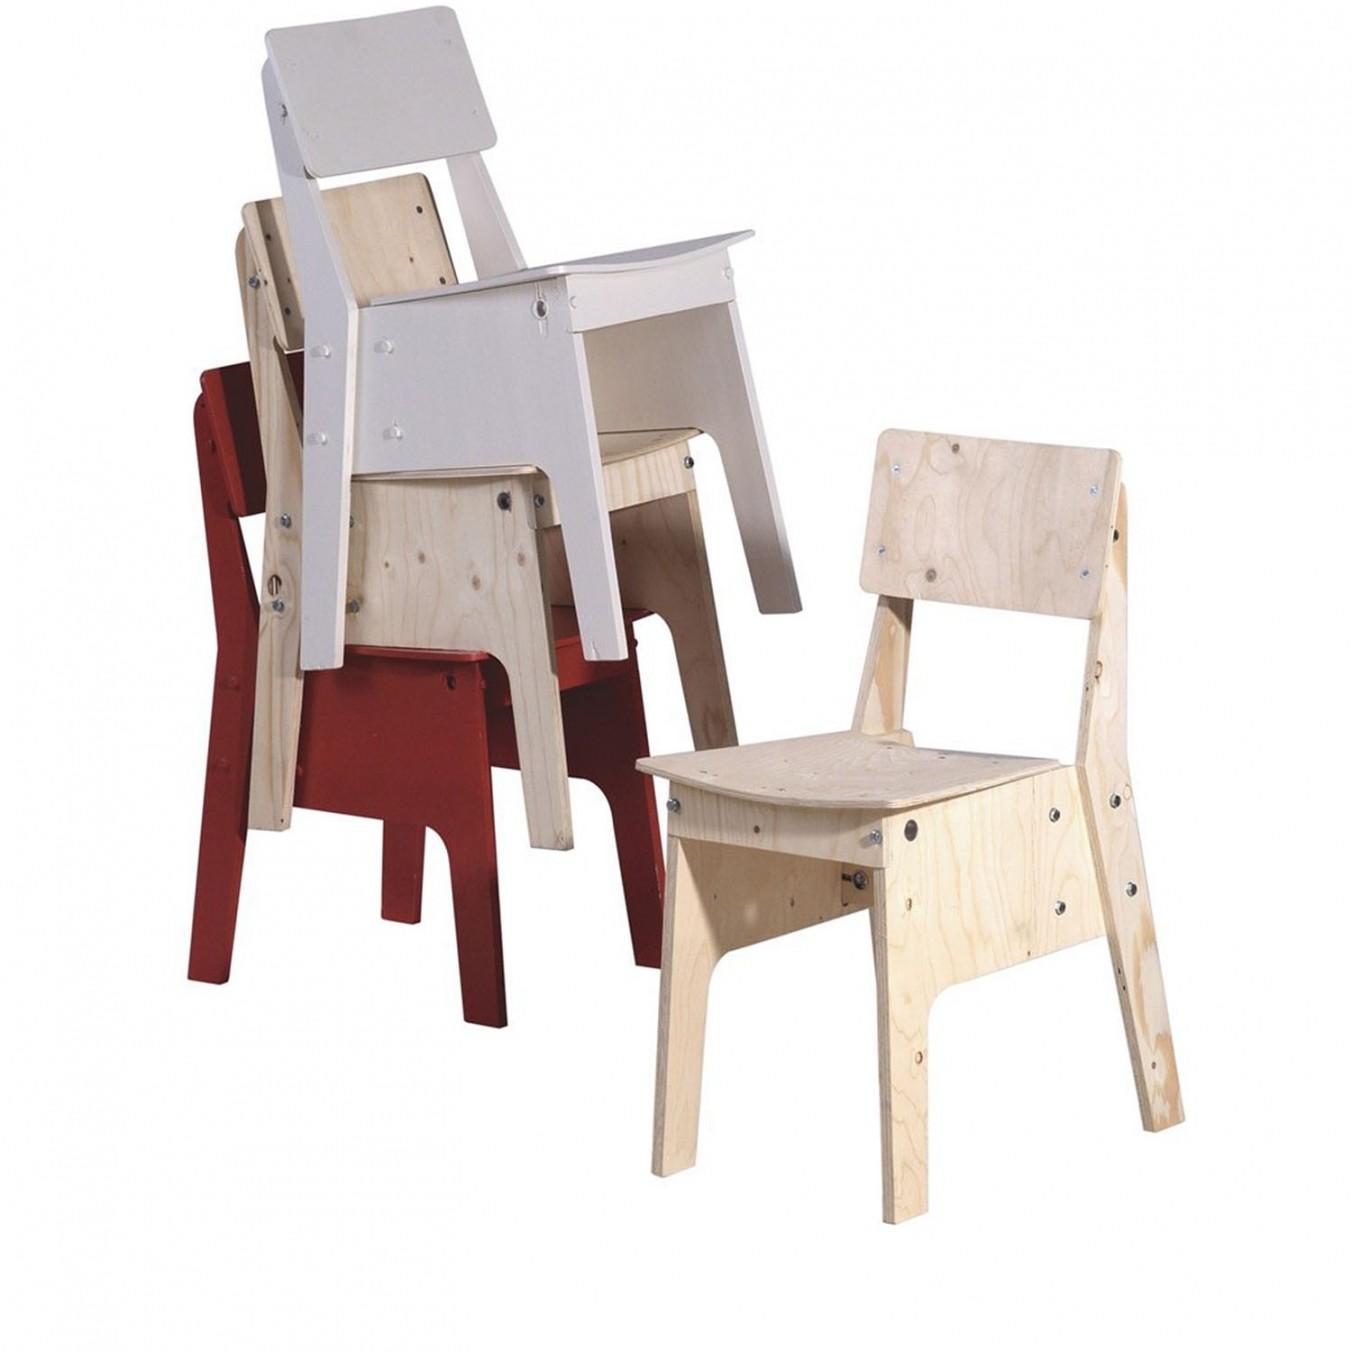 Crisis chair